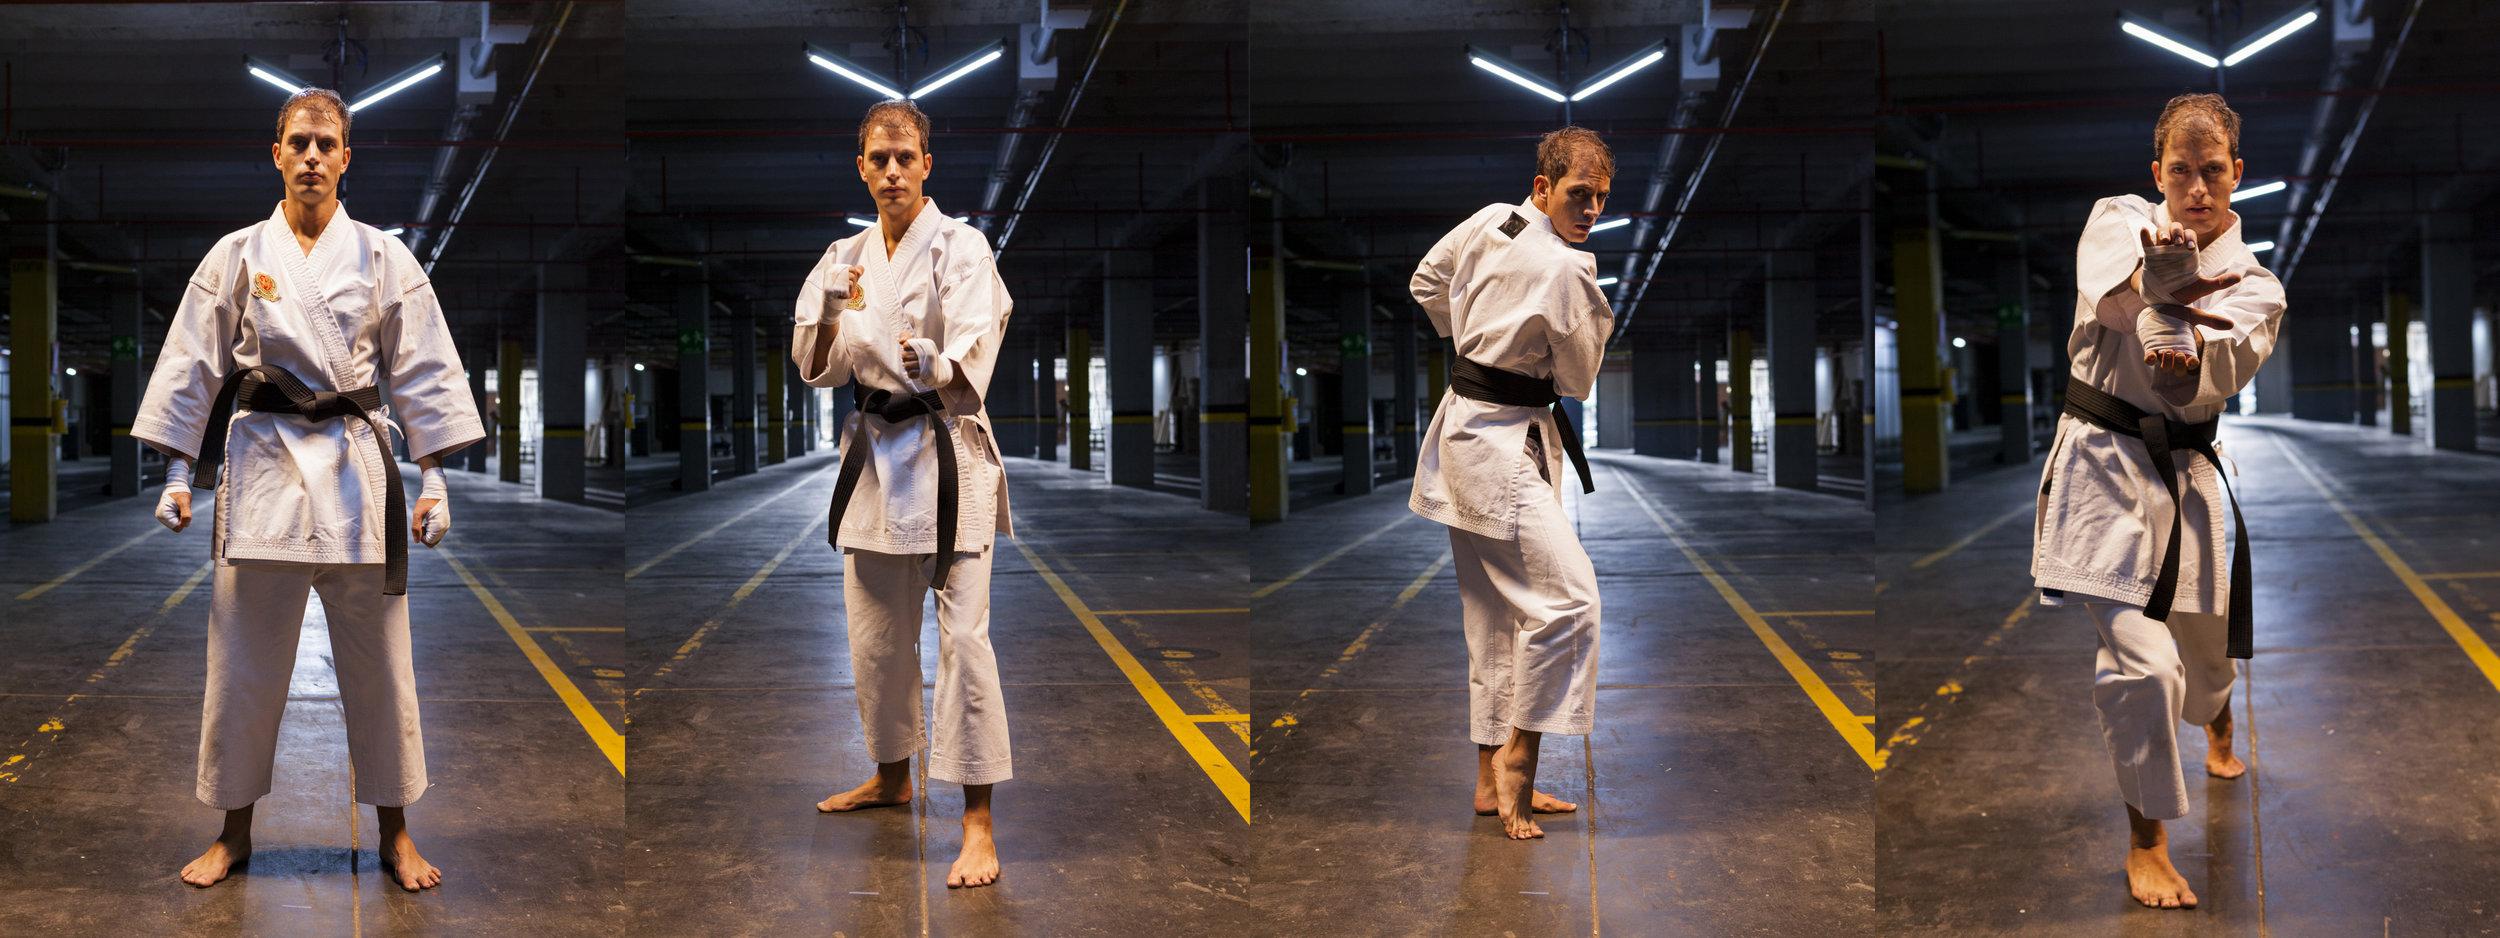 Publicidad SURA- Karate.jpg